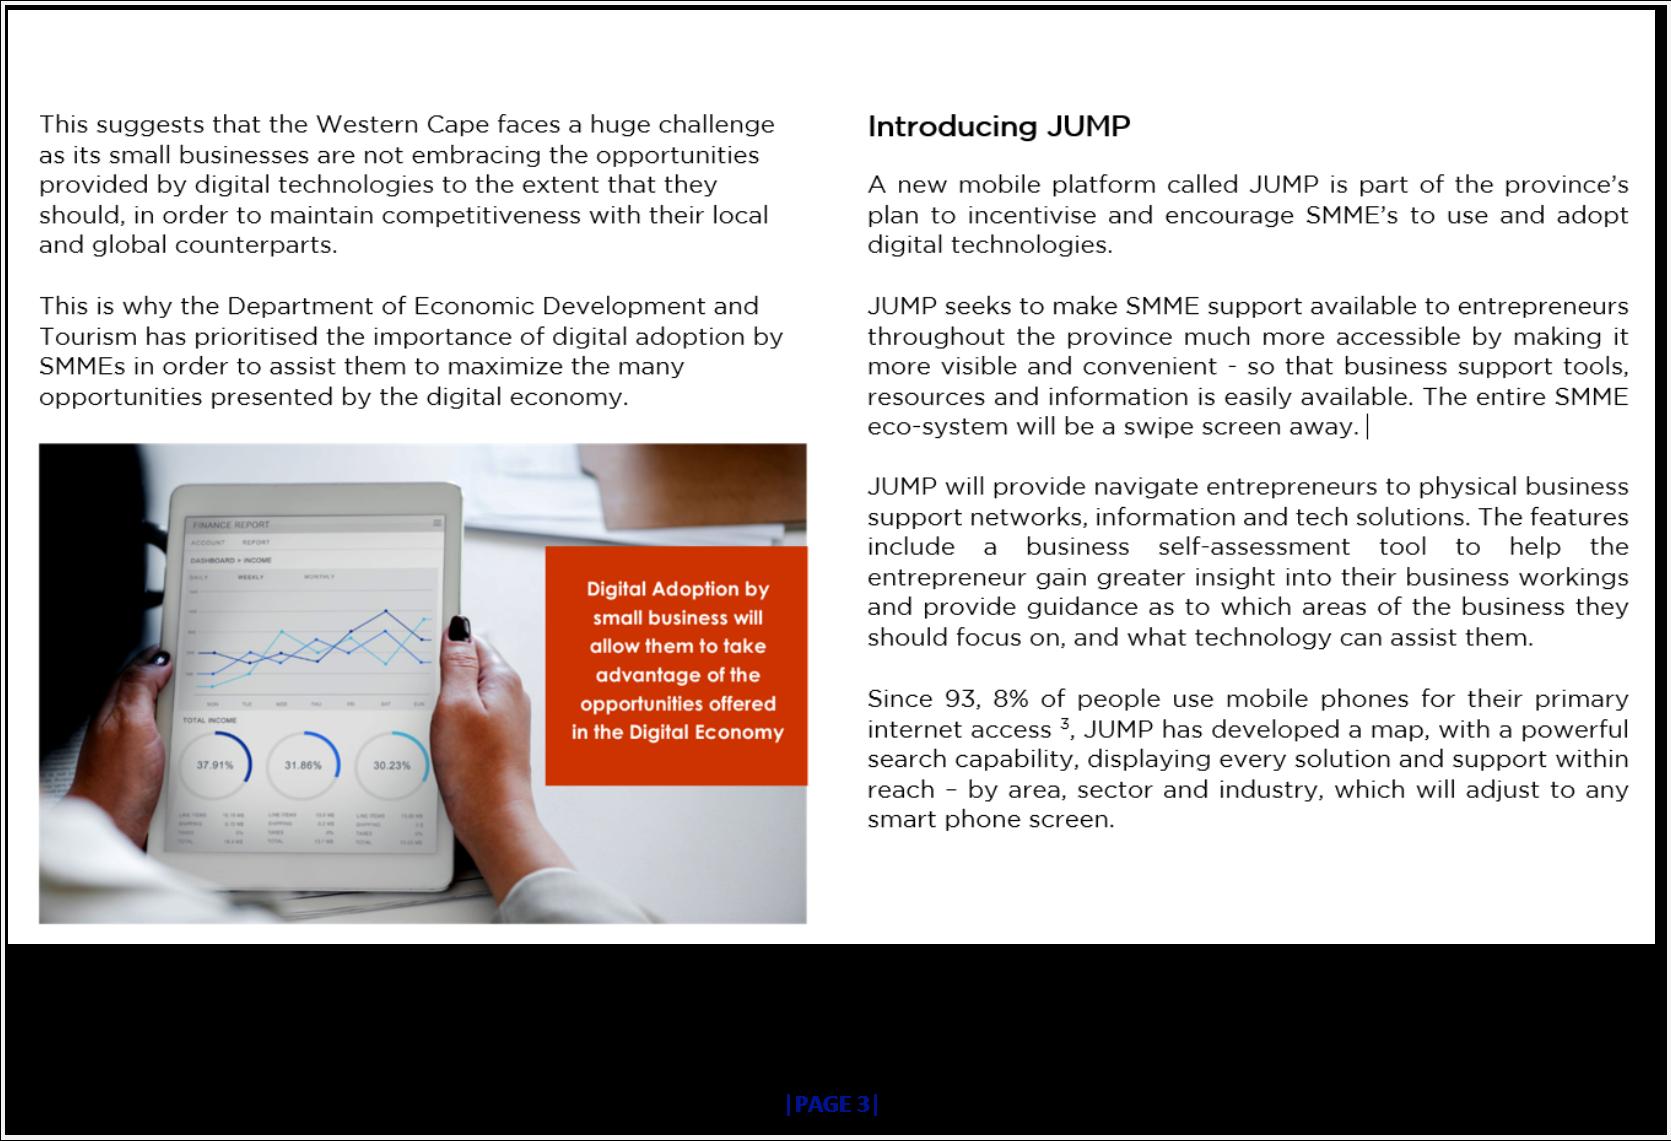 Digital Tools in Business Op-Ed 3